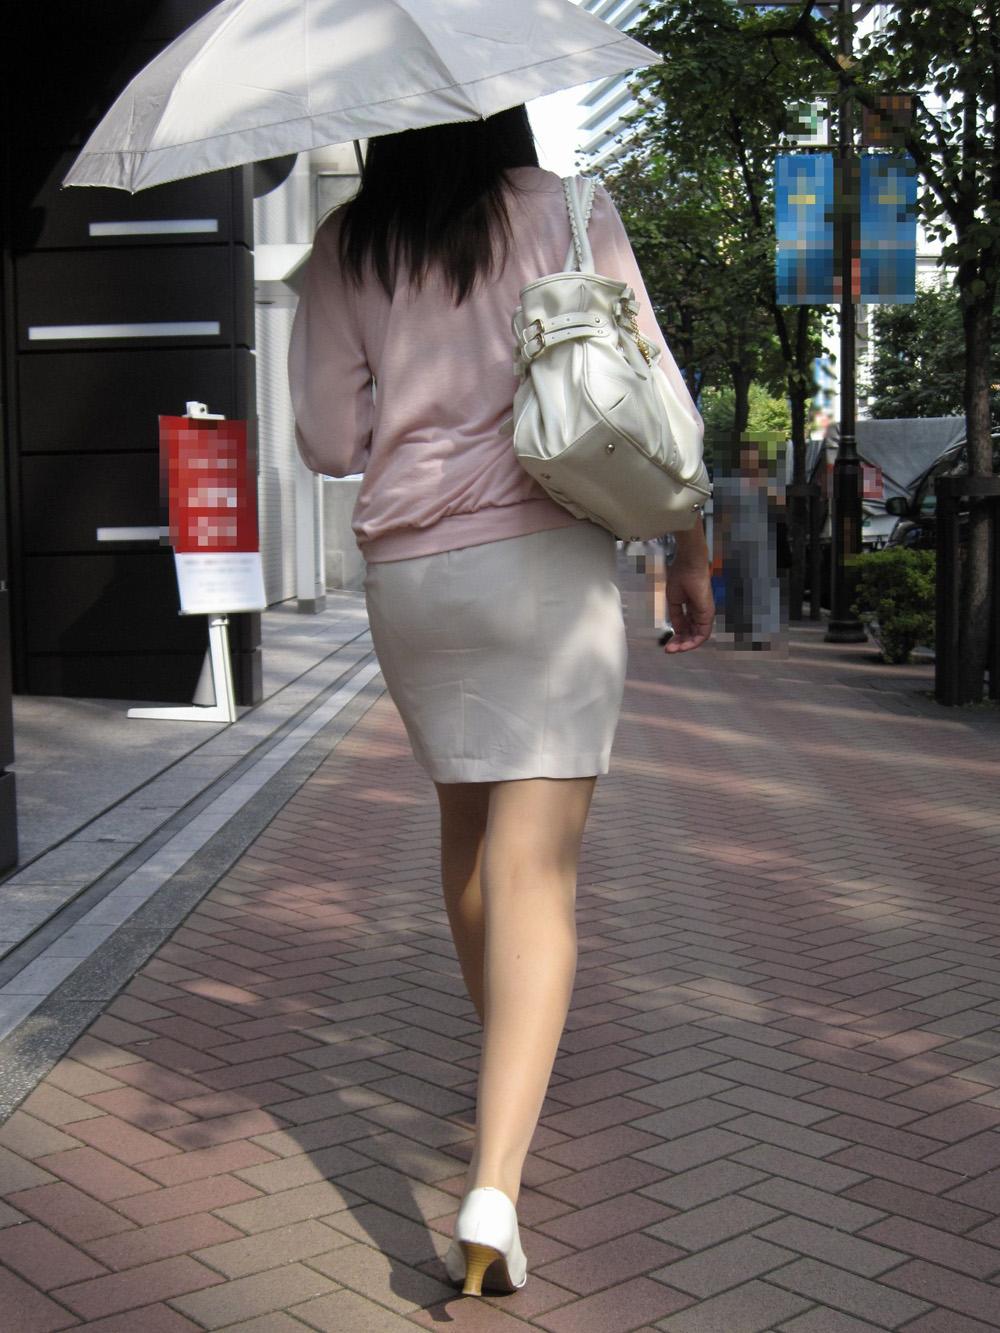 【街撮りOLエロ画像】着衣尻と美脚を只管追っかけ!肉付きたまらん働く女性の下半身www 19